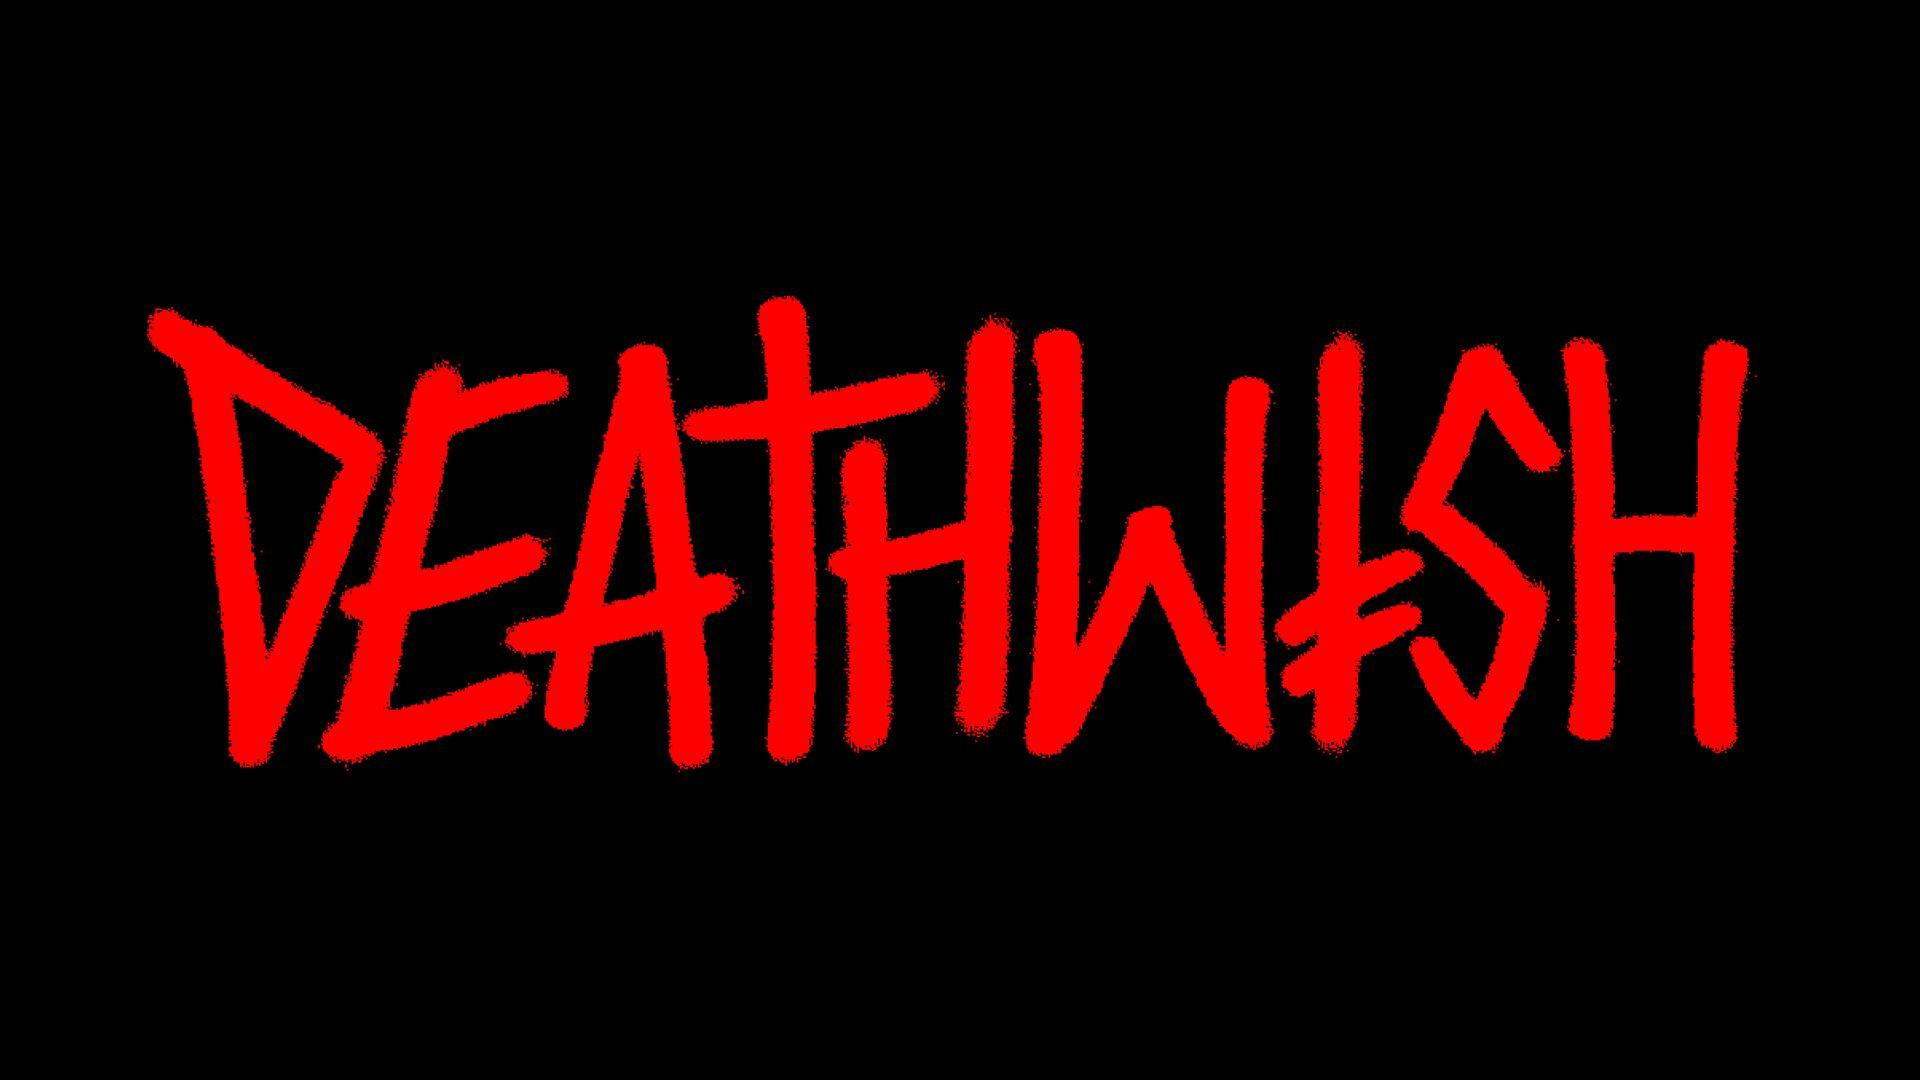 Death Wish Skateboards Wallpaper